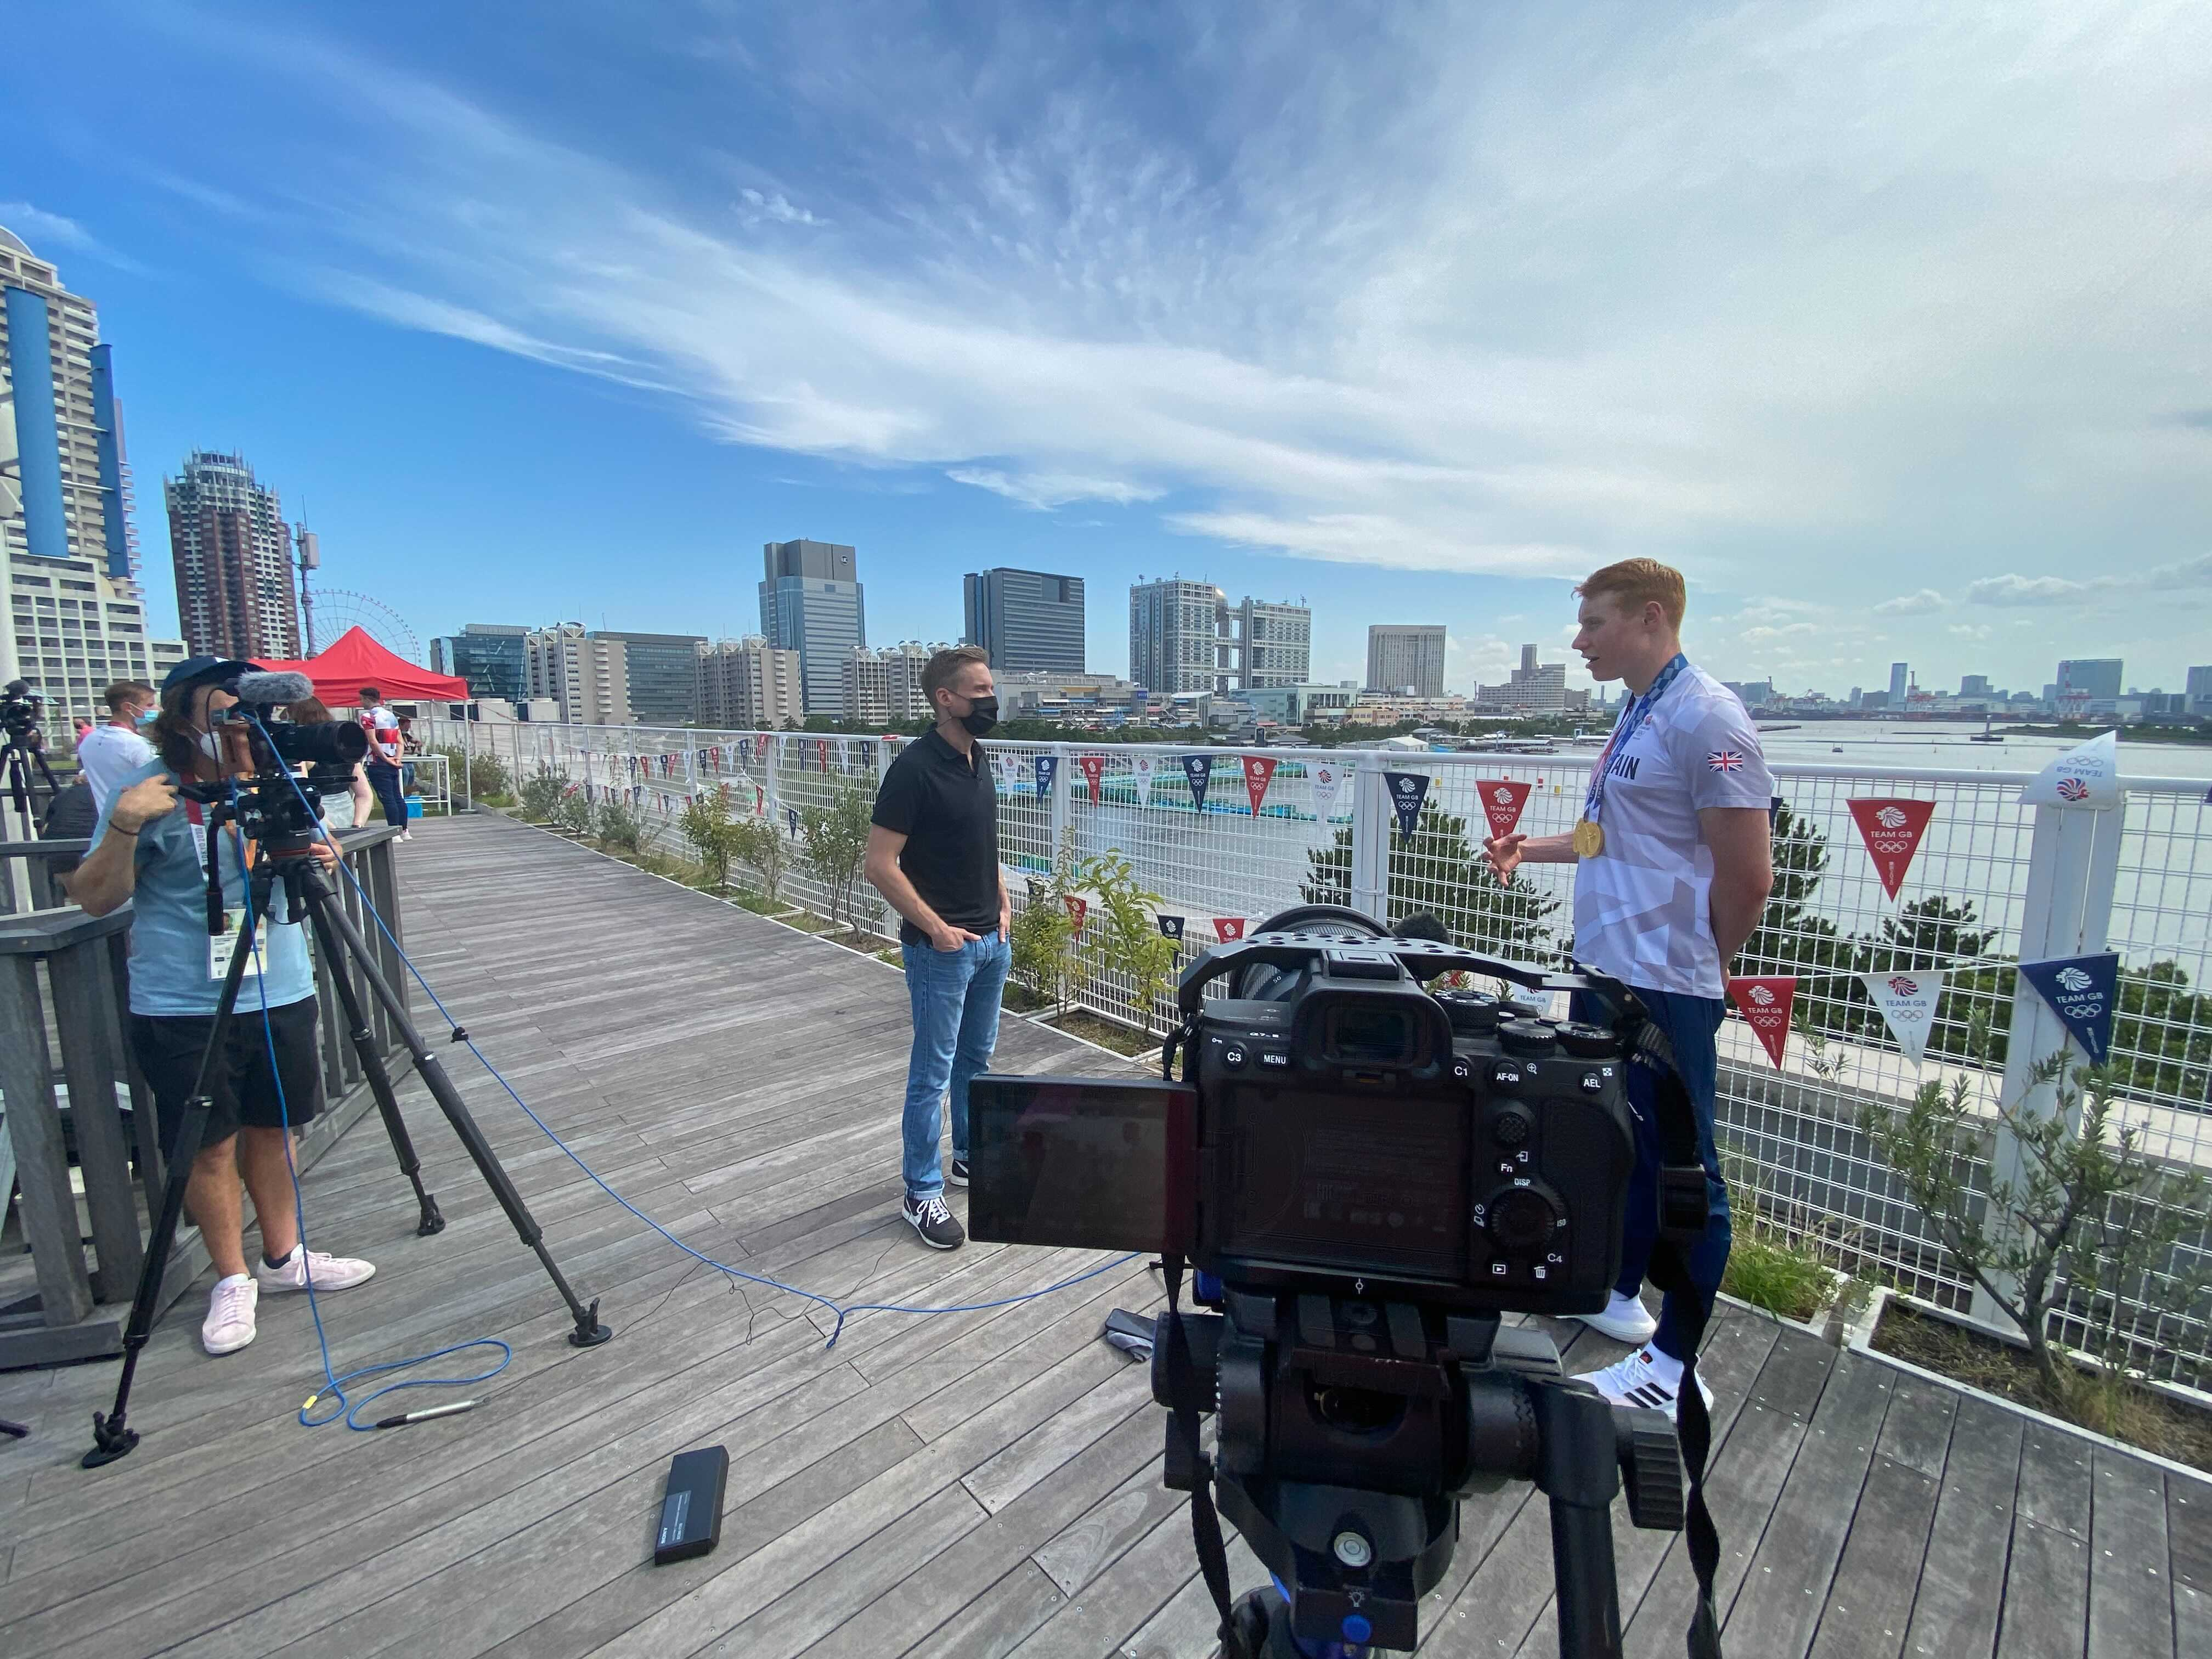 CNN interviews Team GB swimmer Tom Dean. The interviews are kept to under ten minutes.